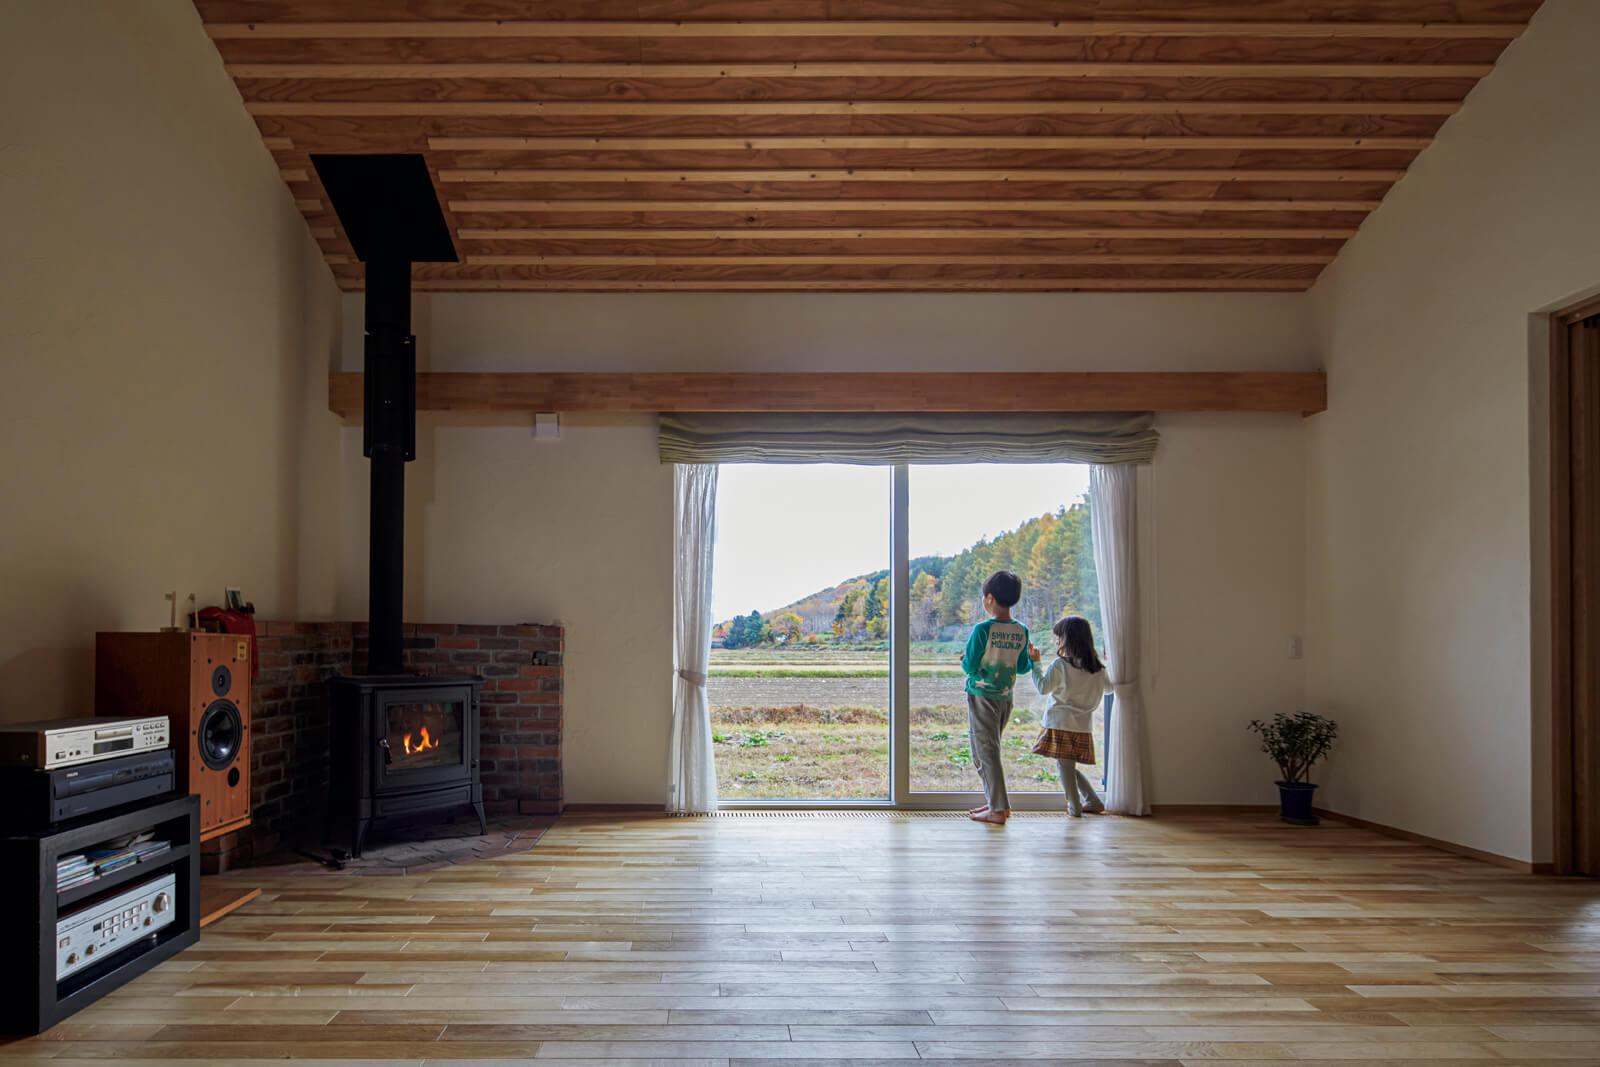 ナラの無垢床とリブ天井、珪藻土を採用したリビング・ダイニングは自然の温もりたっぷり。窓からは、Yさんが好きな十勝岳連邦最北のオプタテシケ山も見える